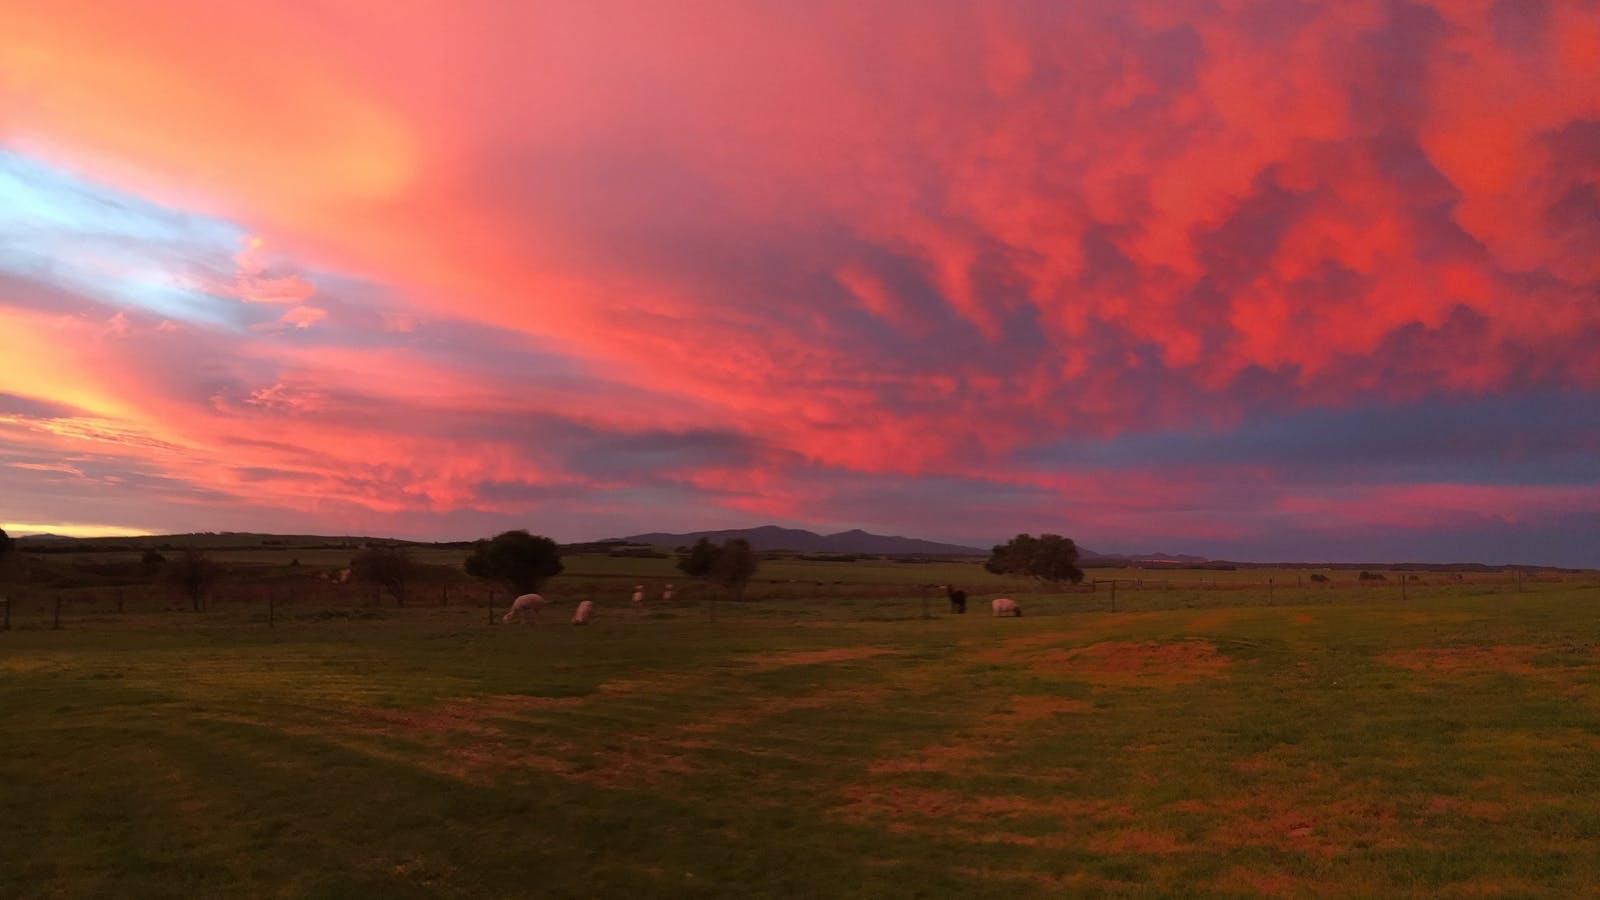 Sunrise at Promhills Cabins